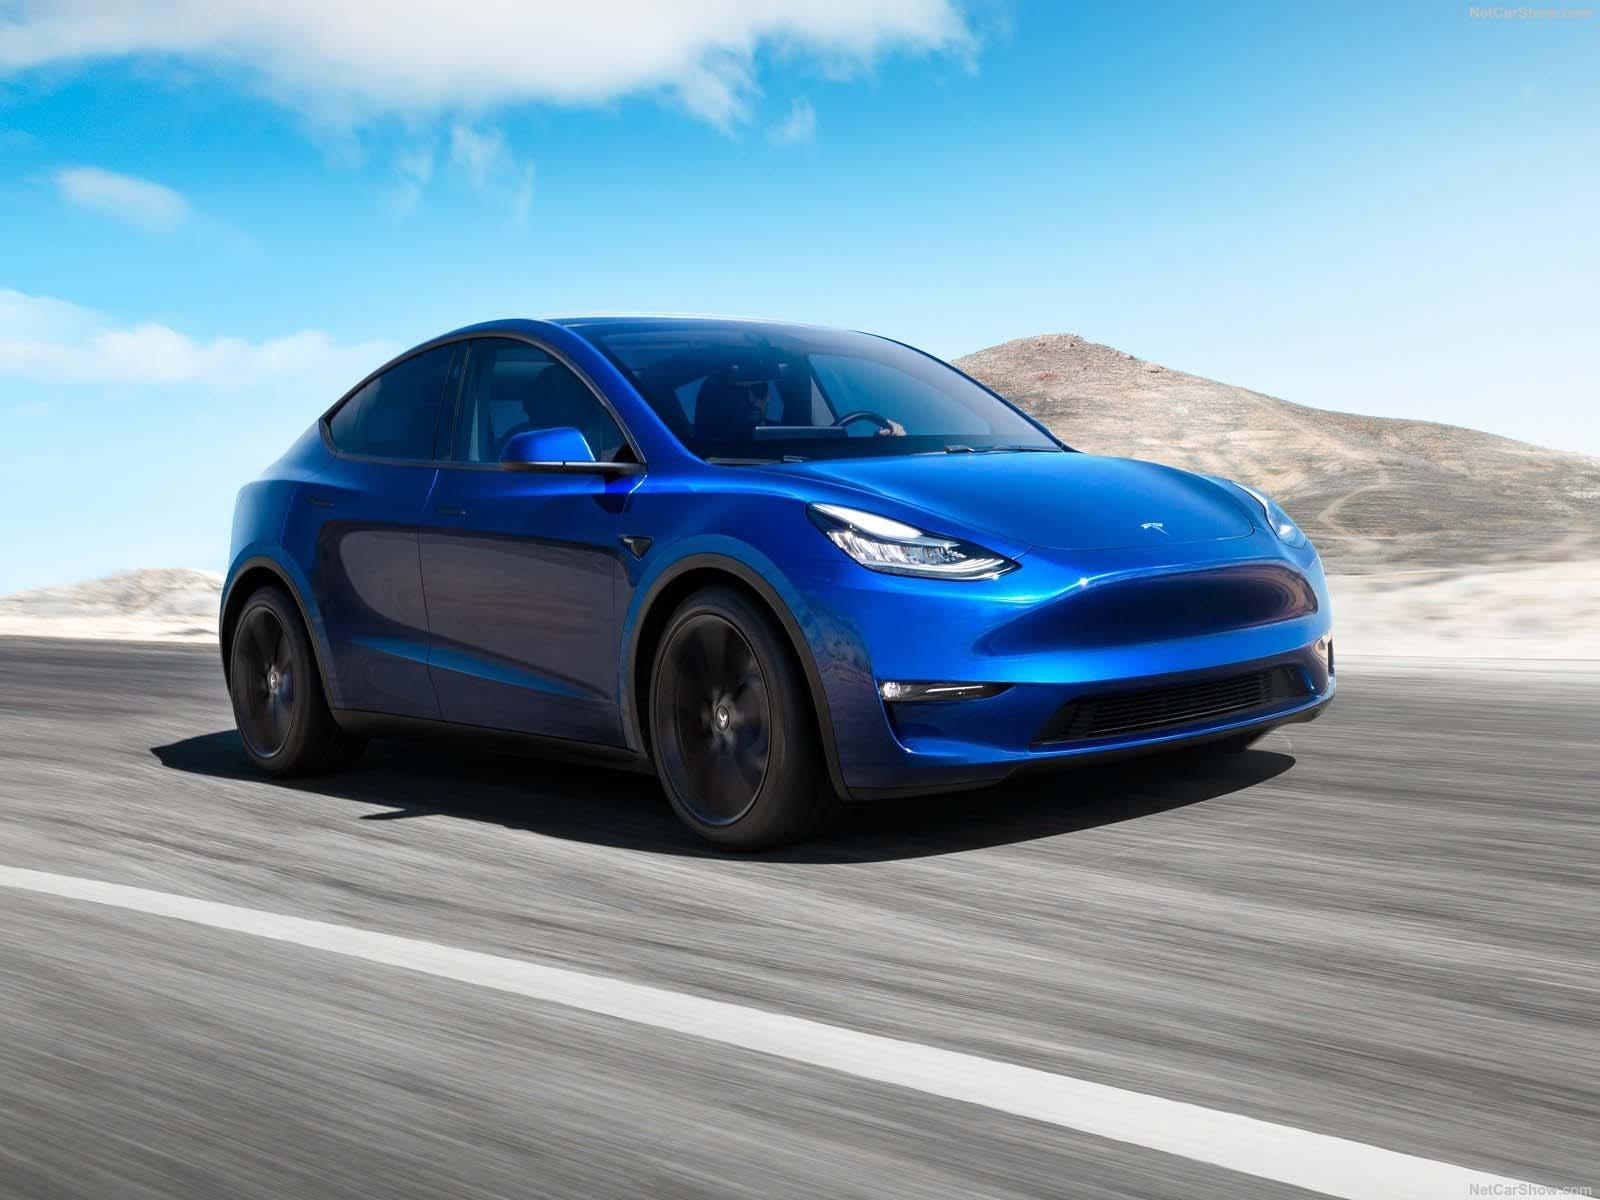 Dlaczego samochody elektryczne są drogie? Główne czynniki cen aut na prąd